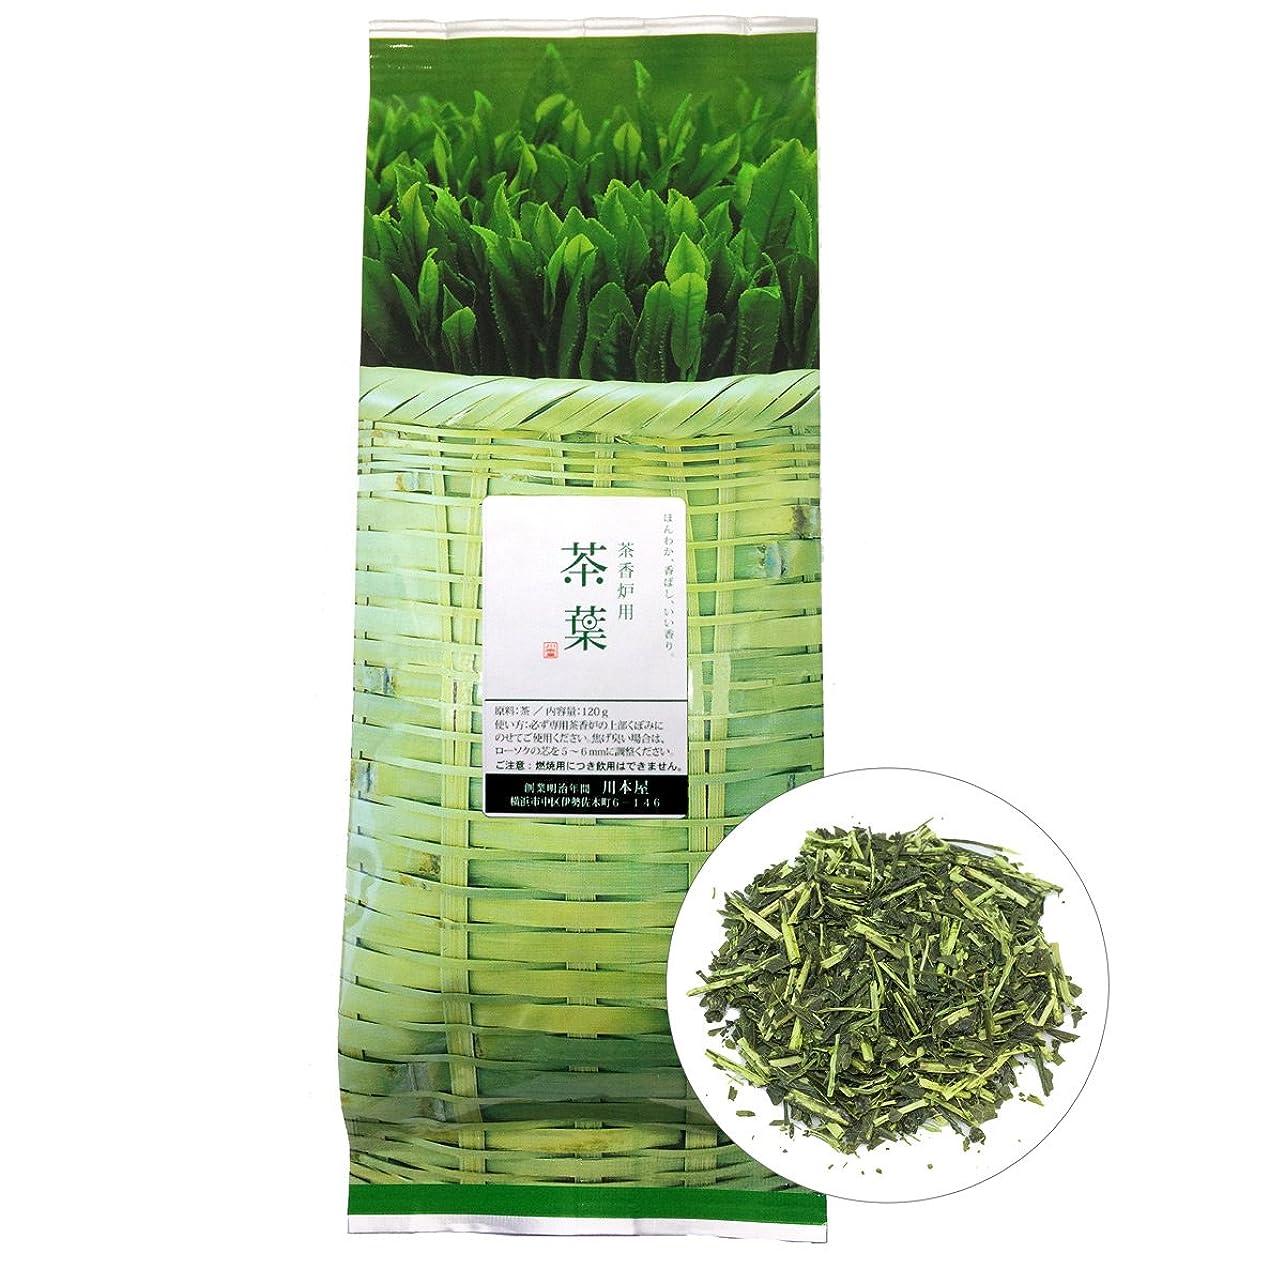 区別民主主義剛性国産 茶香炉専用 茶葉110g (1袋) 川本屋茶舗